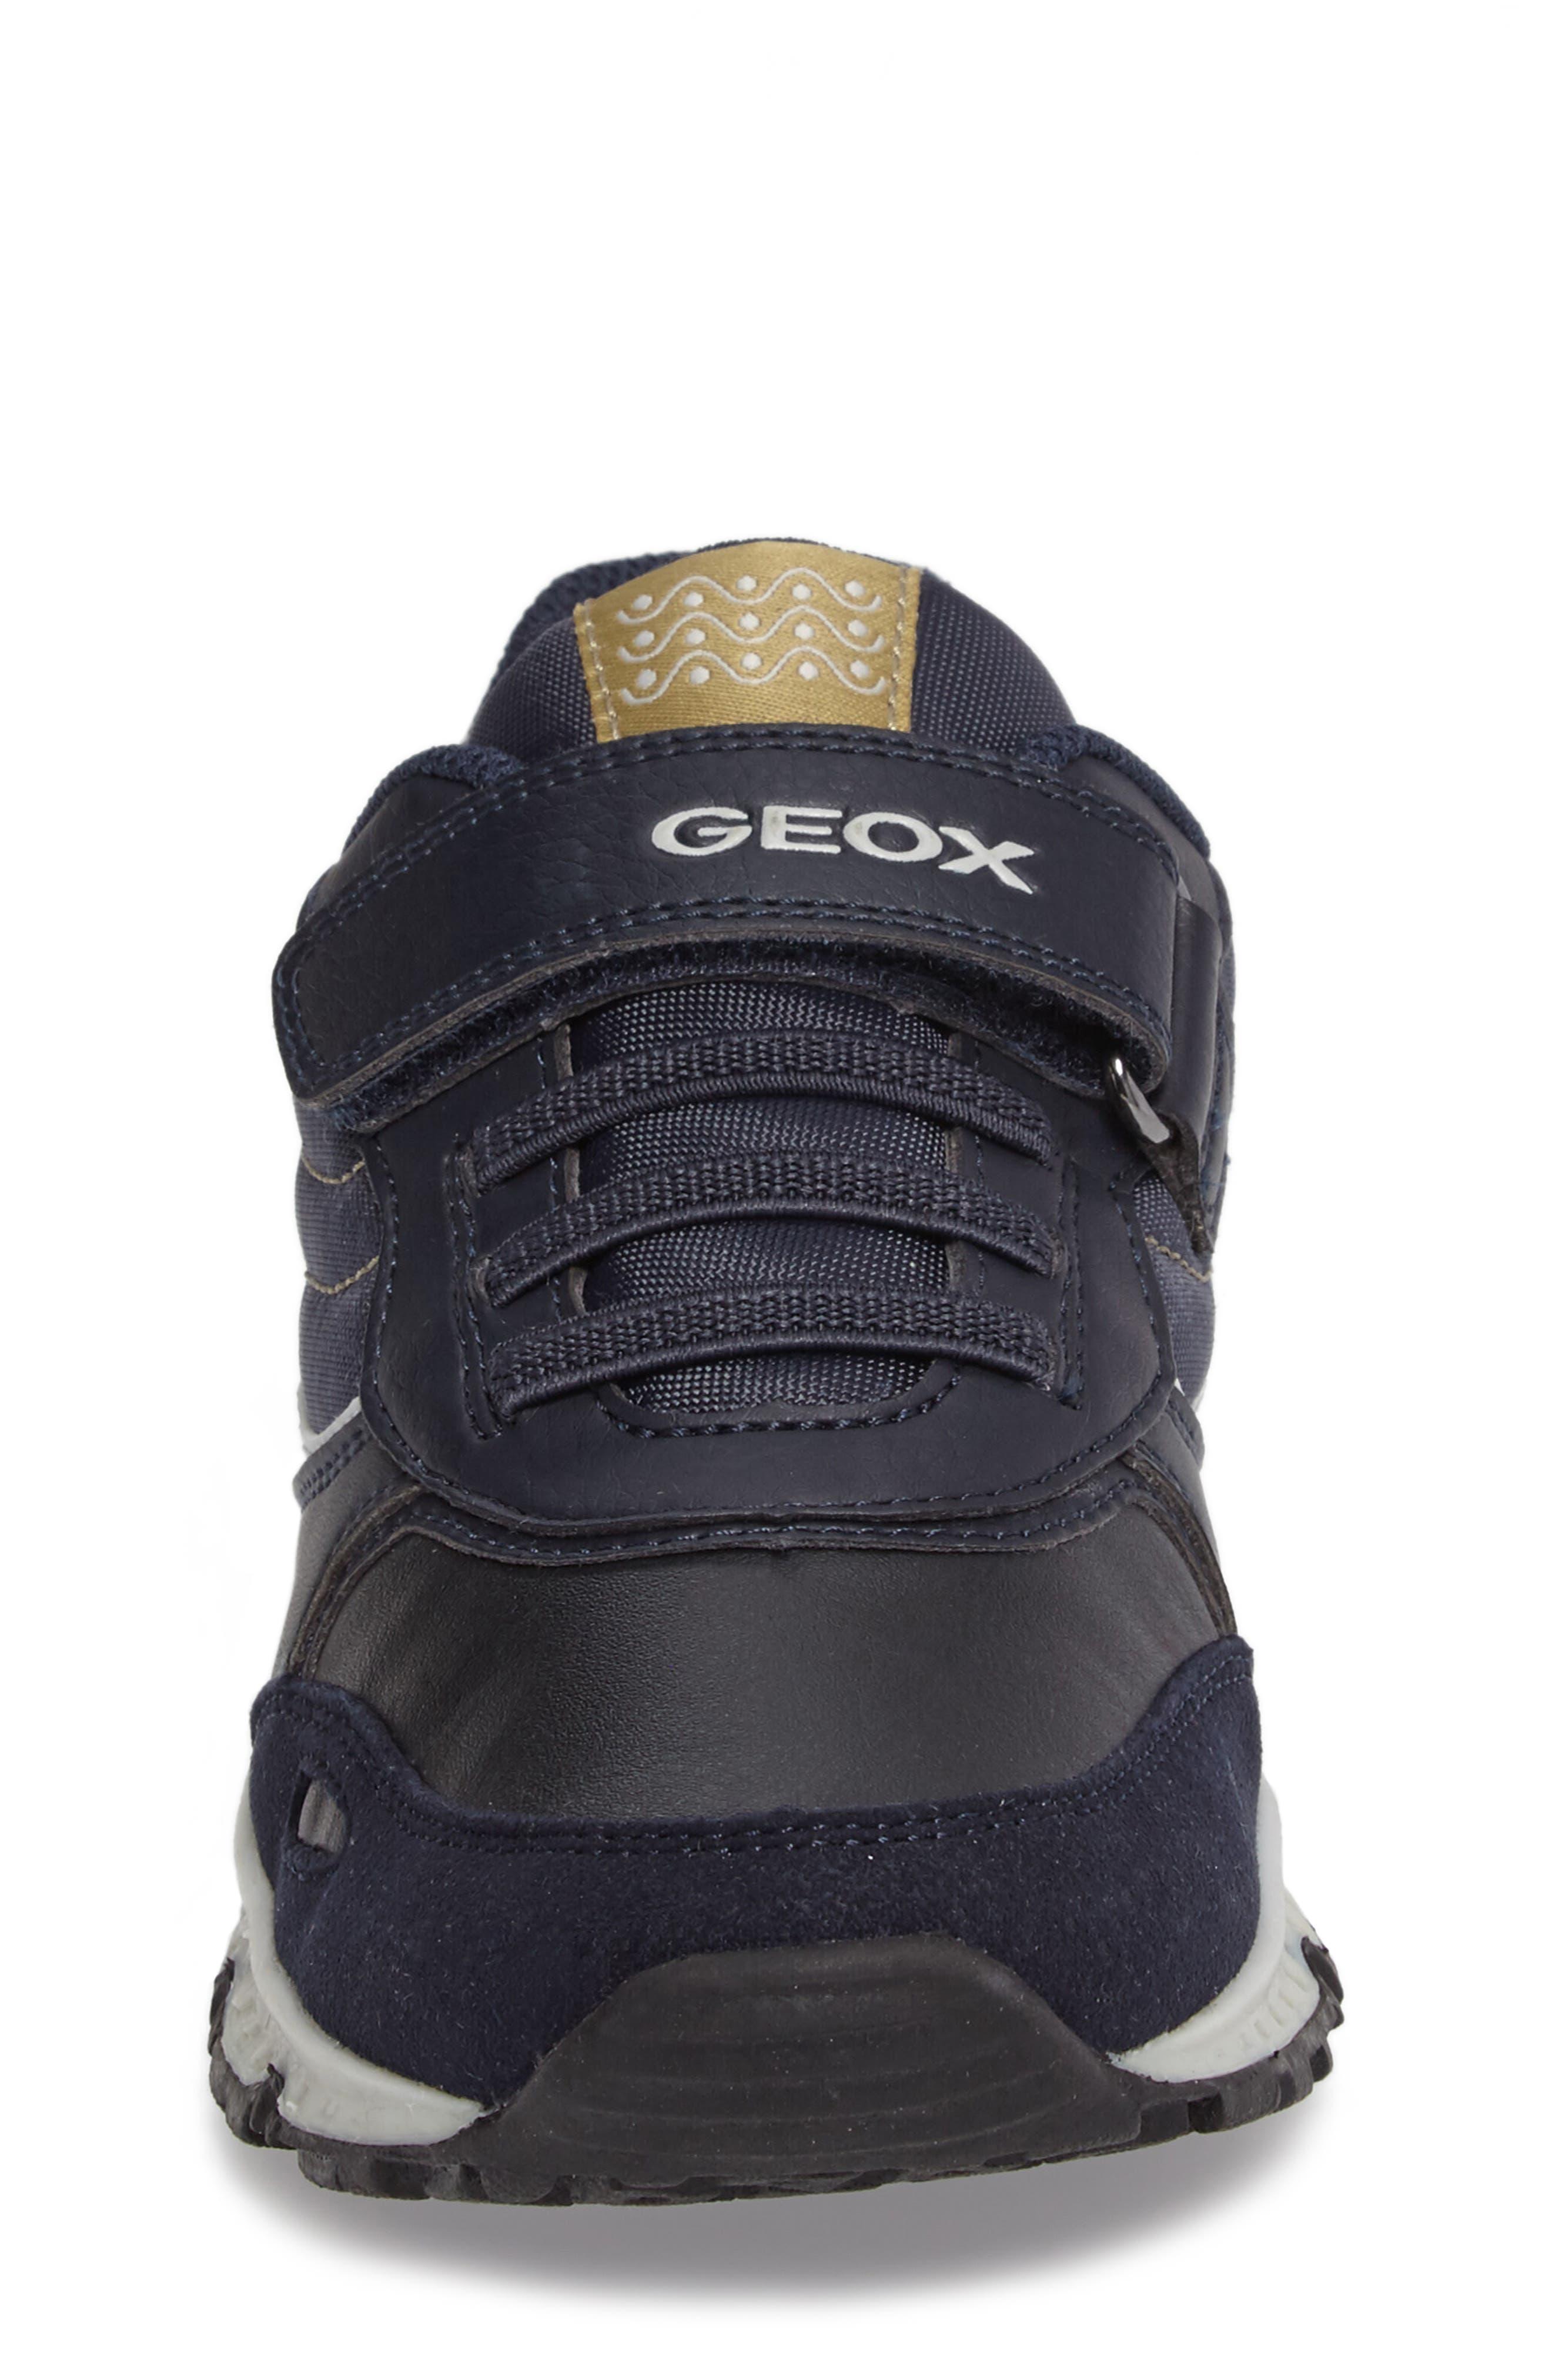 Alternate Image 4  - Geox Jr Bernie Sneaker (Toddler, Little Kid & Big Kid)